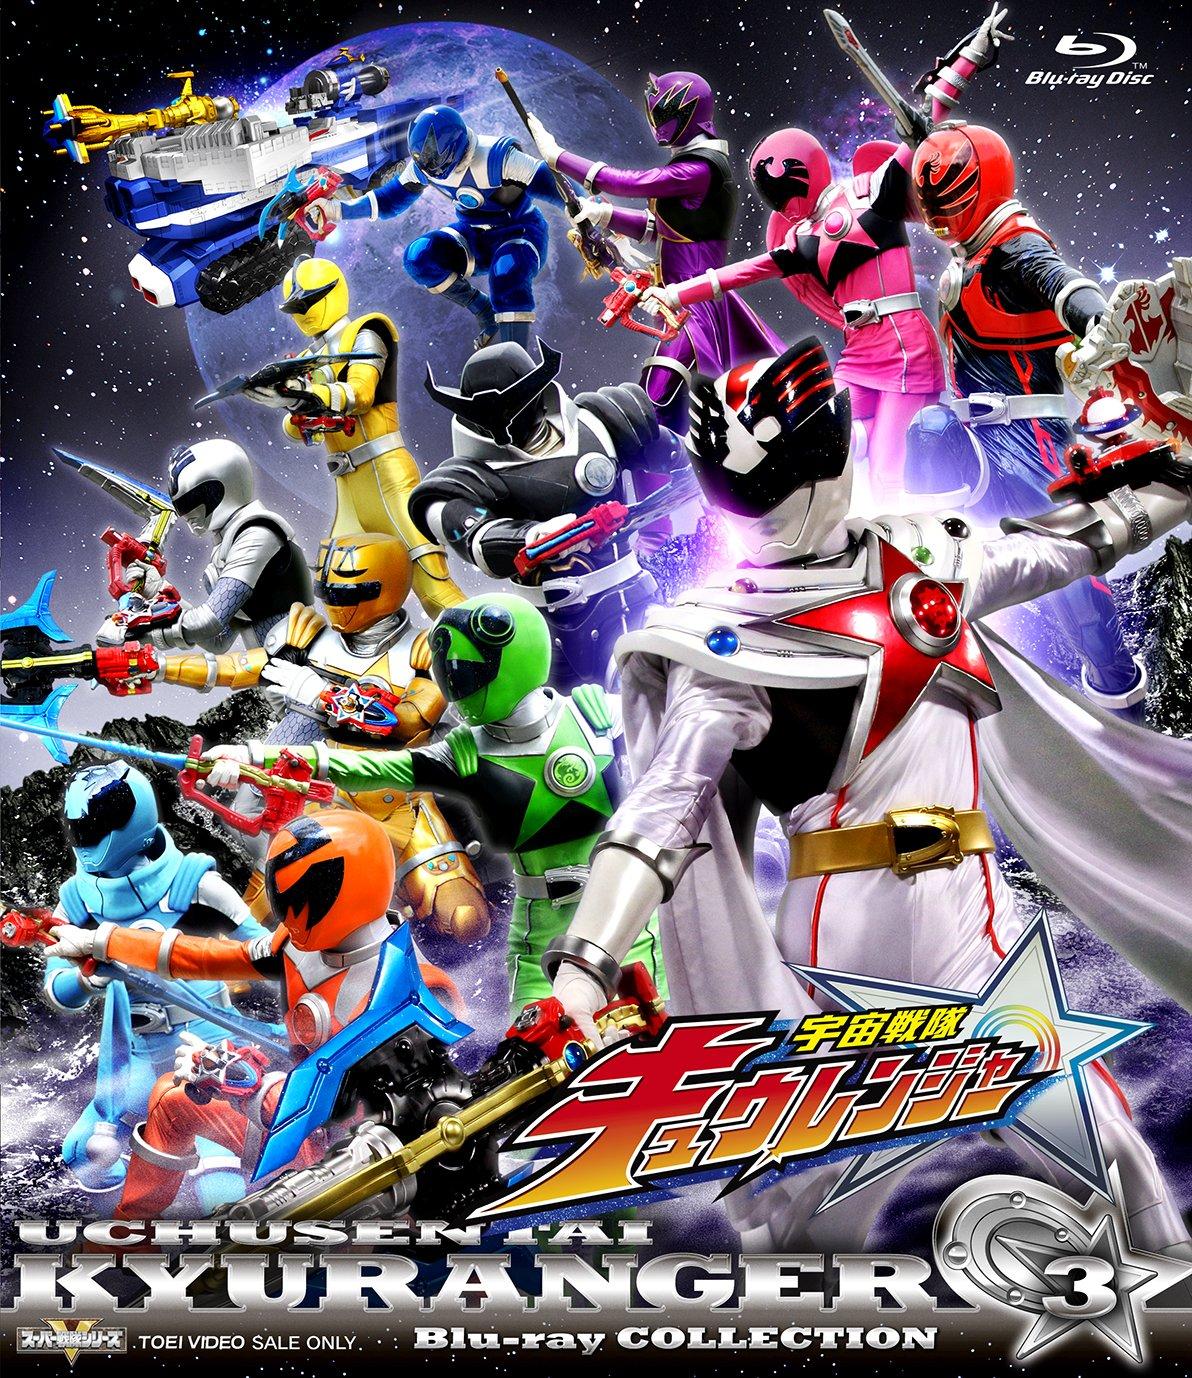 スーパー戦隊シリーズ 宇宙戦隊キュウレンジャー Blu-ray COLLECTION 3 B0758HY332